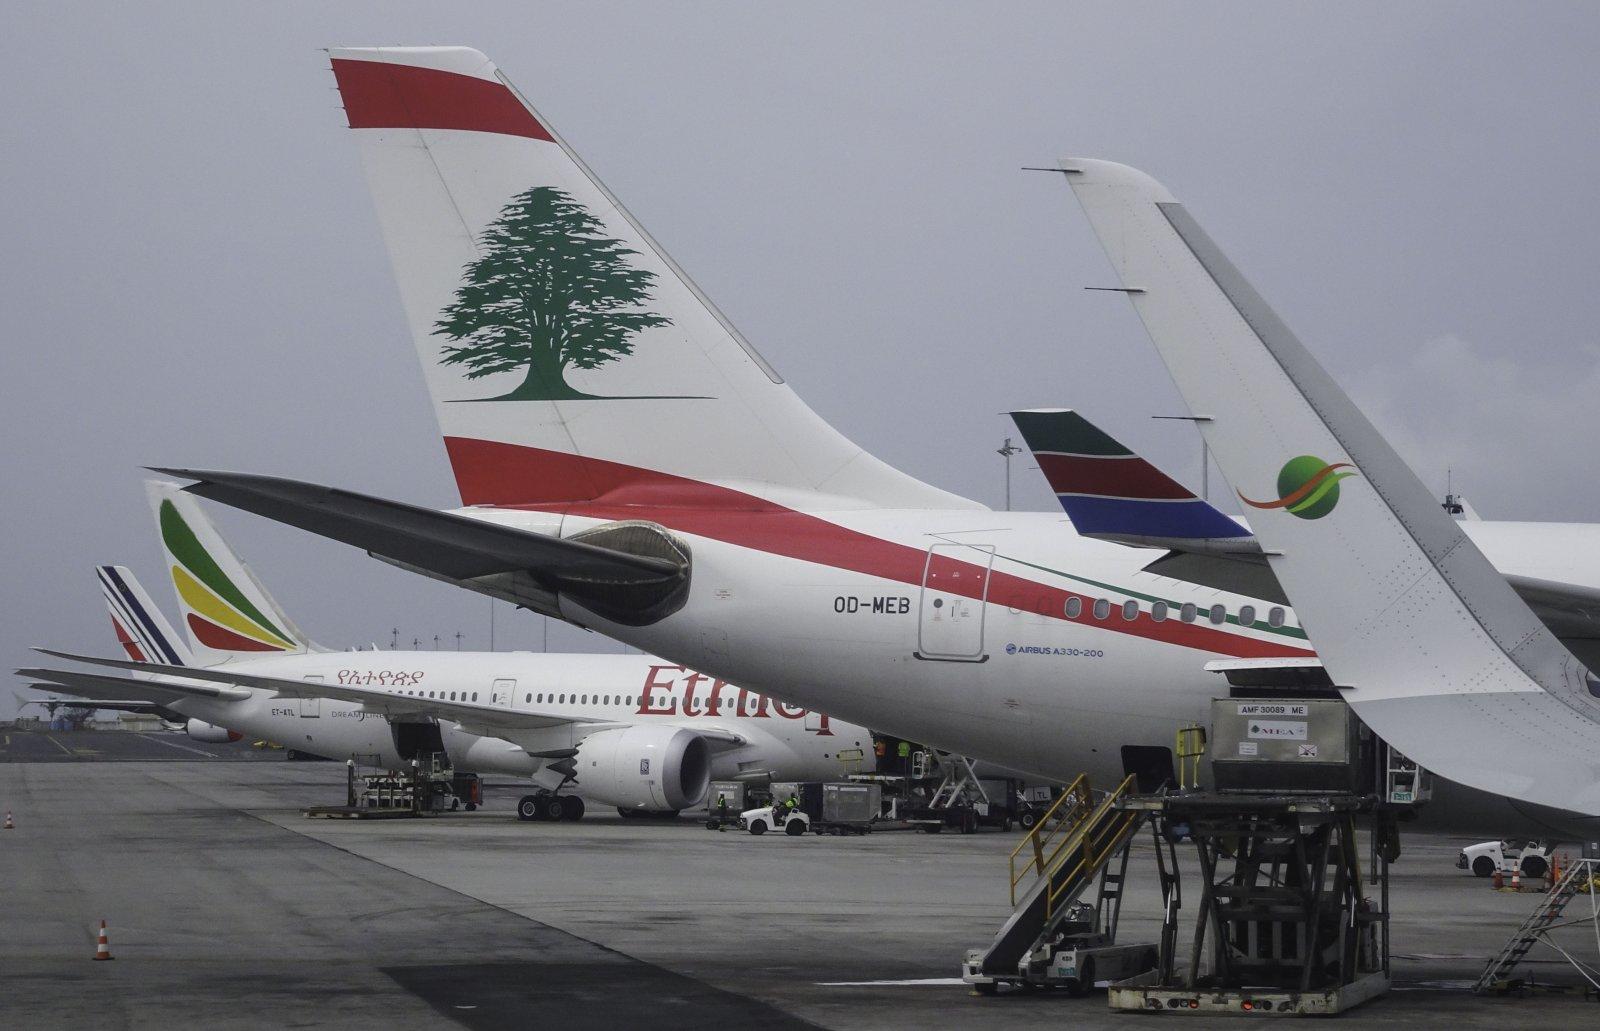 MEA Airbus A330-243 OD-MEB (OD=Libanon)